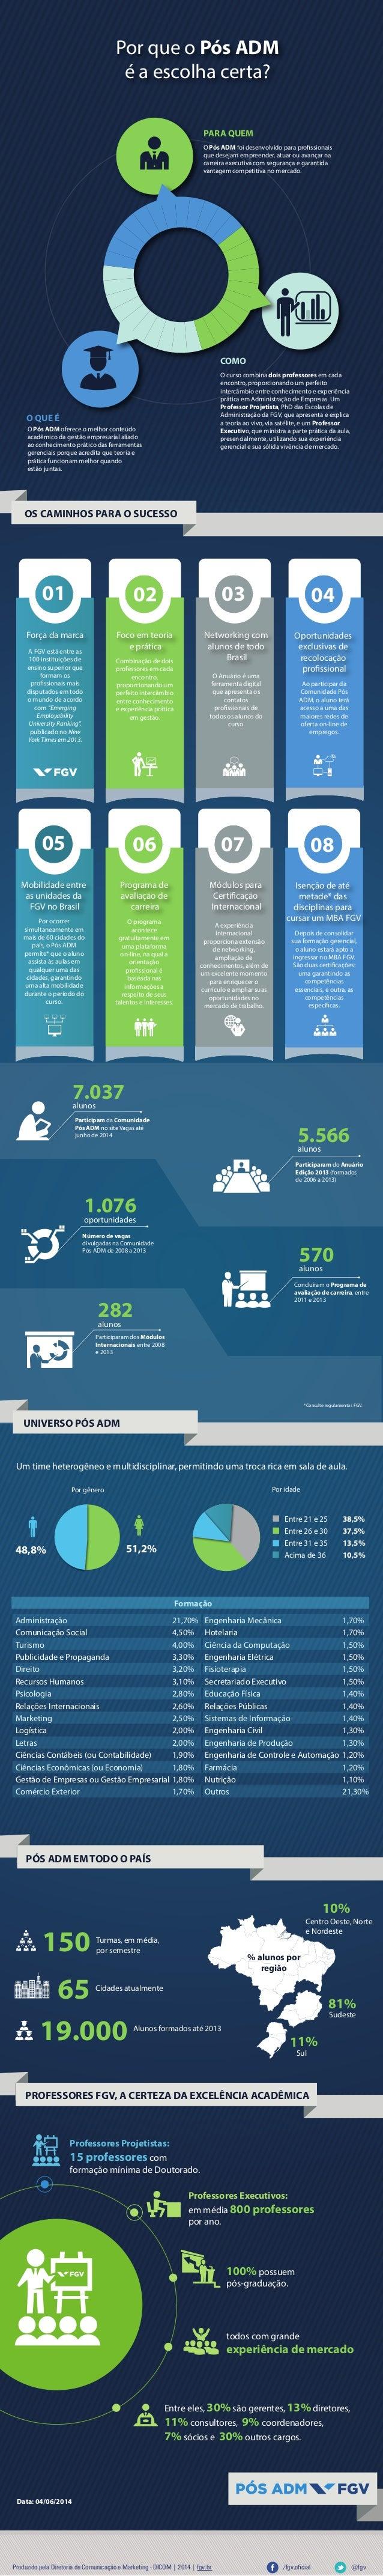 /fgv.oficial @fgvProduzido pela Diretoria de Comunicação e Marketing - DICOM | 2014 | fgv.br 01 02 A FGV está entre as 100 ...